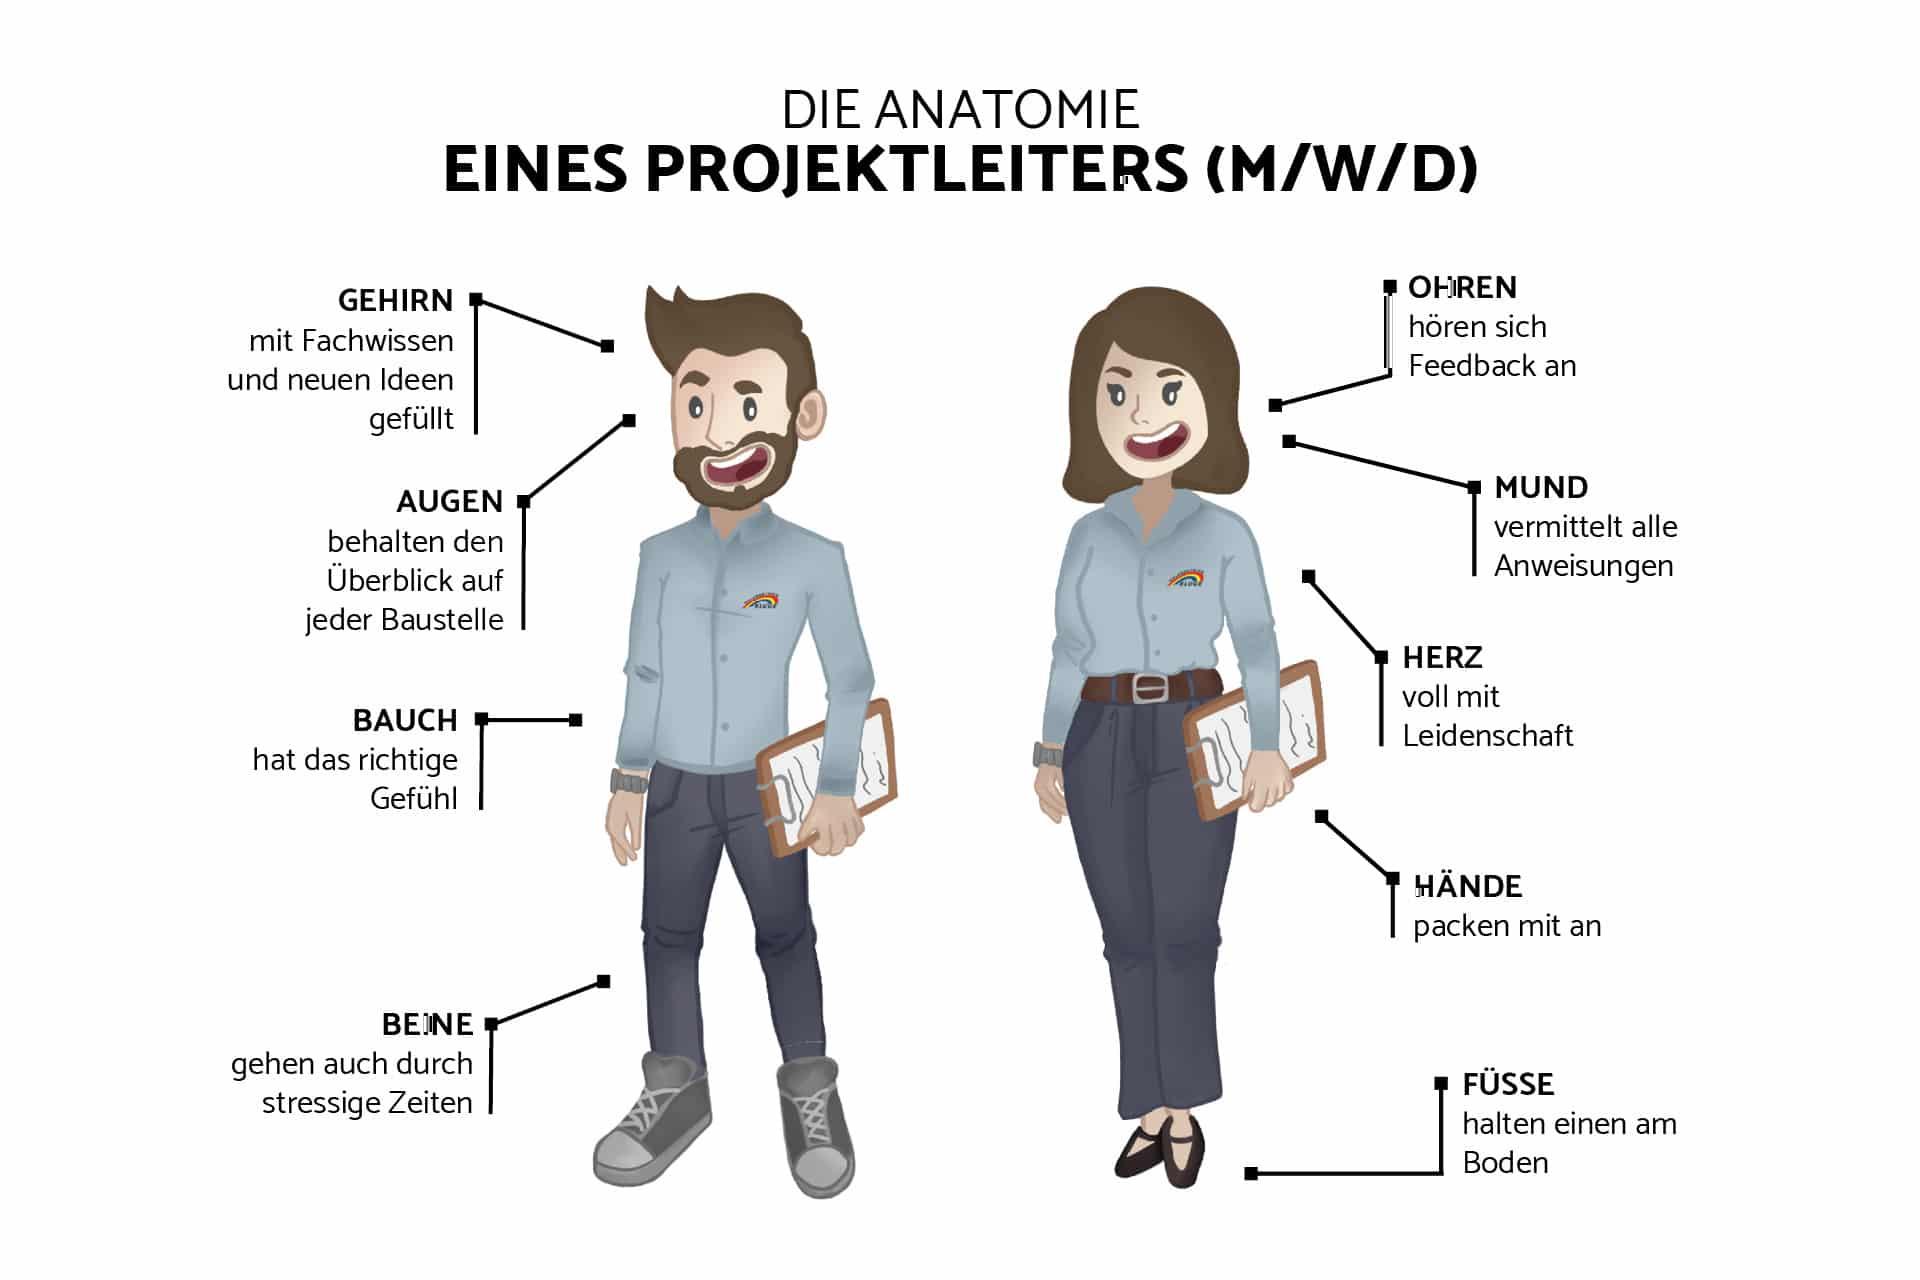 Die erfolgreichen Eigenschaften eines Projektleiters (m/w/d)